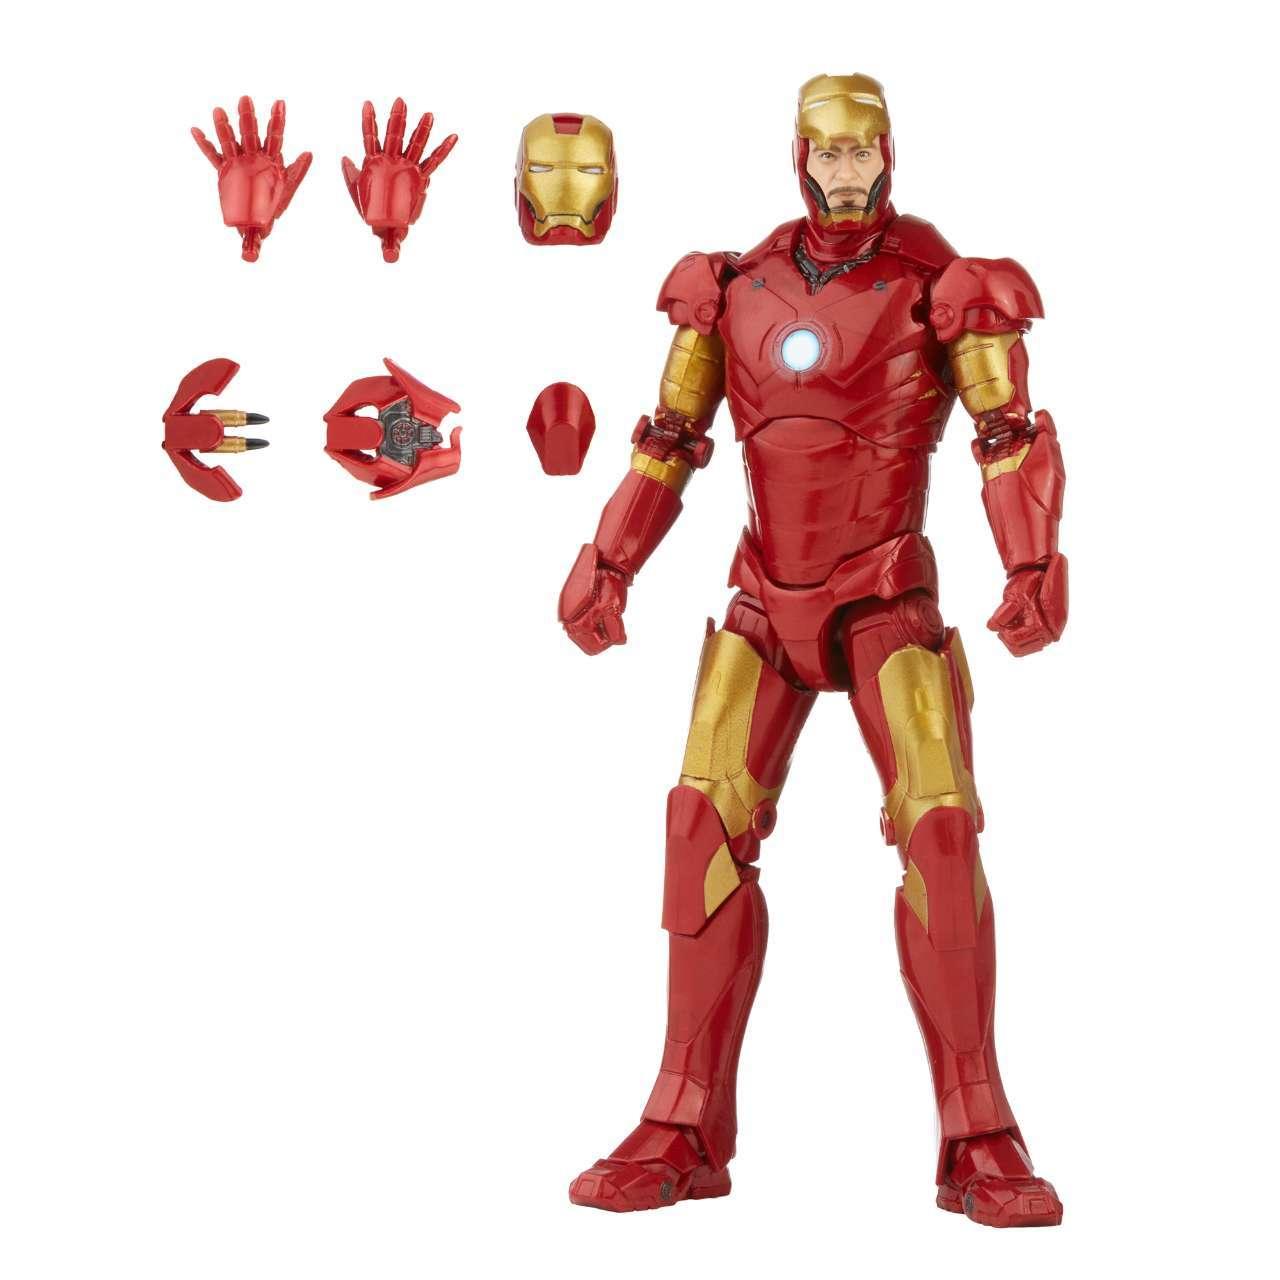 hasbro-iron-man-mark-3